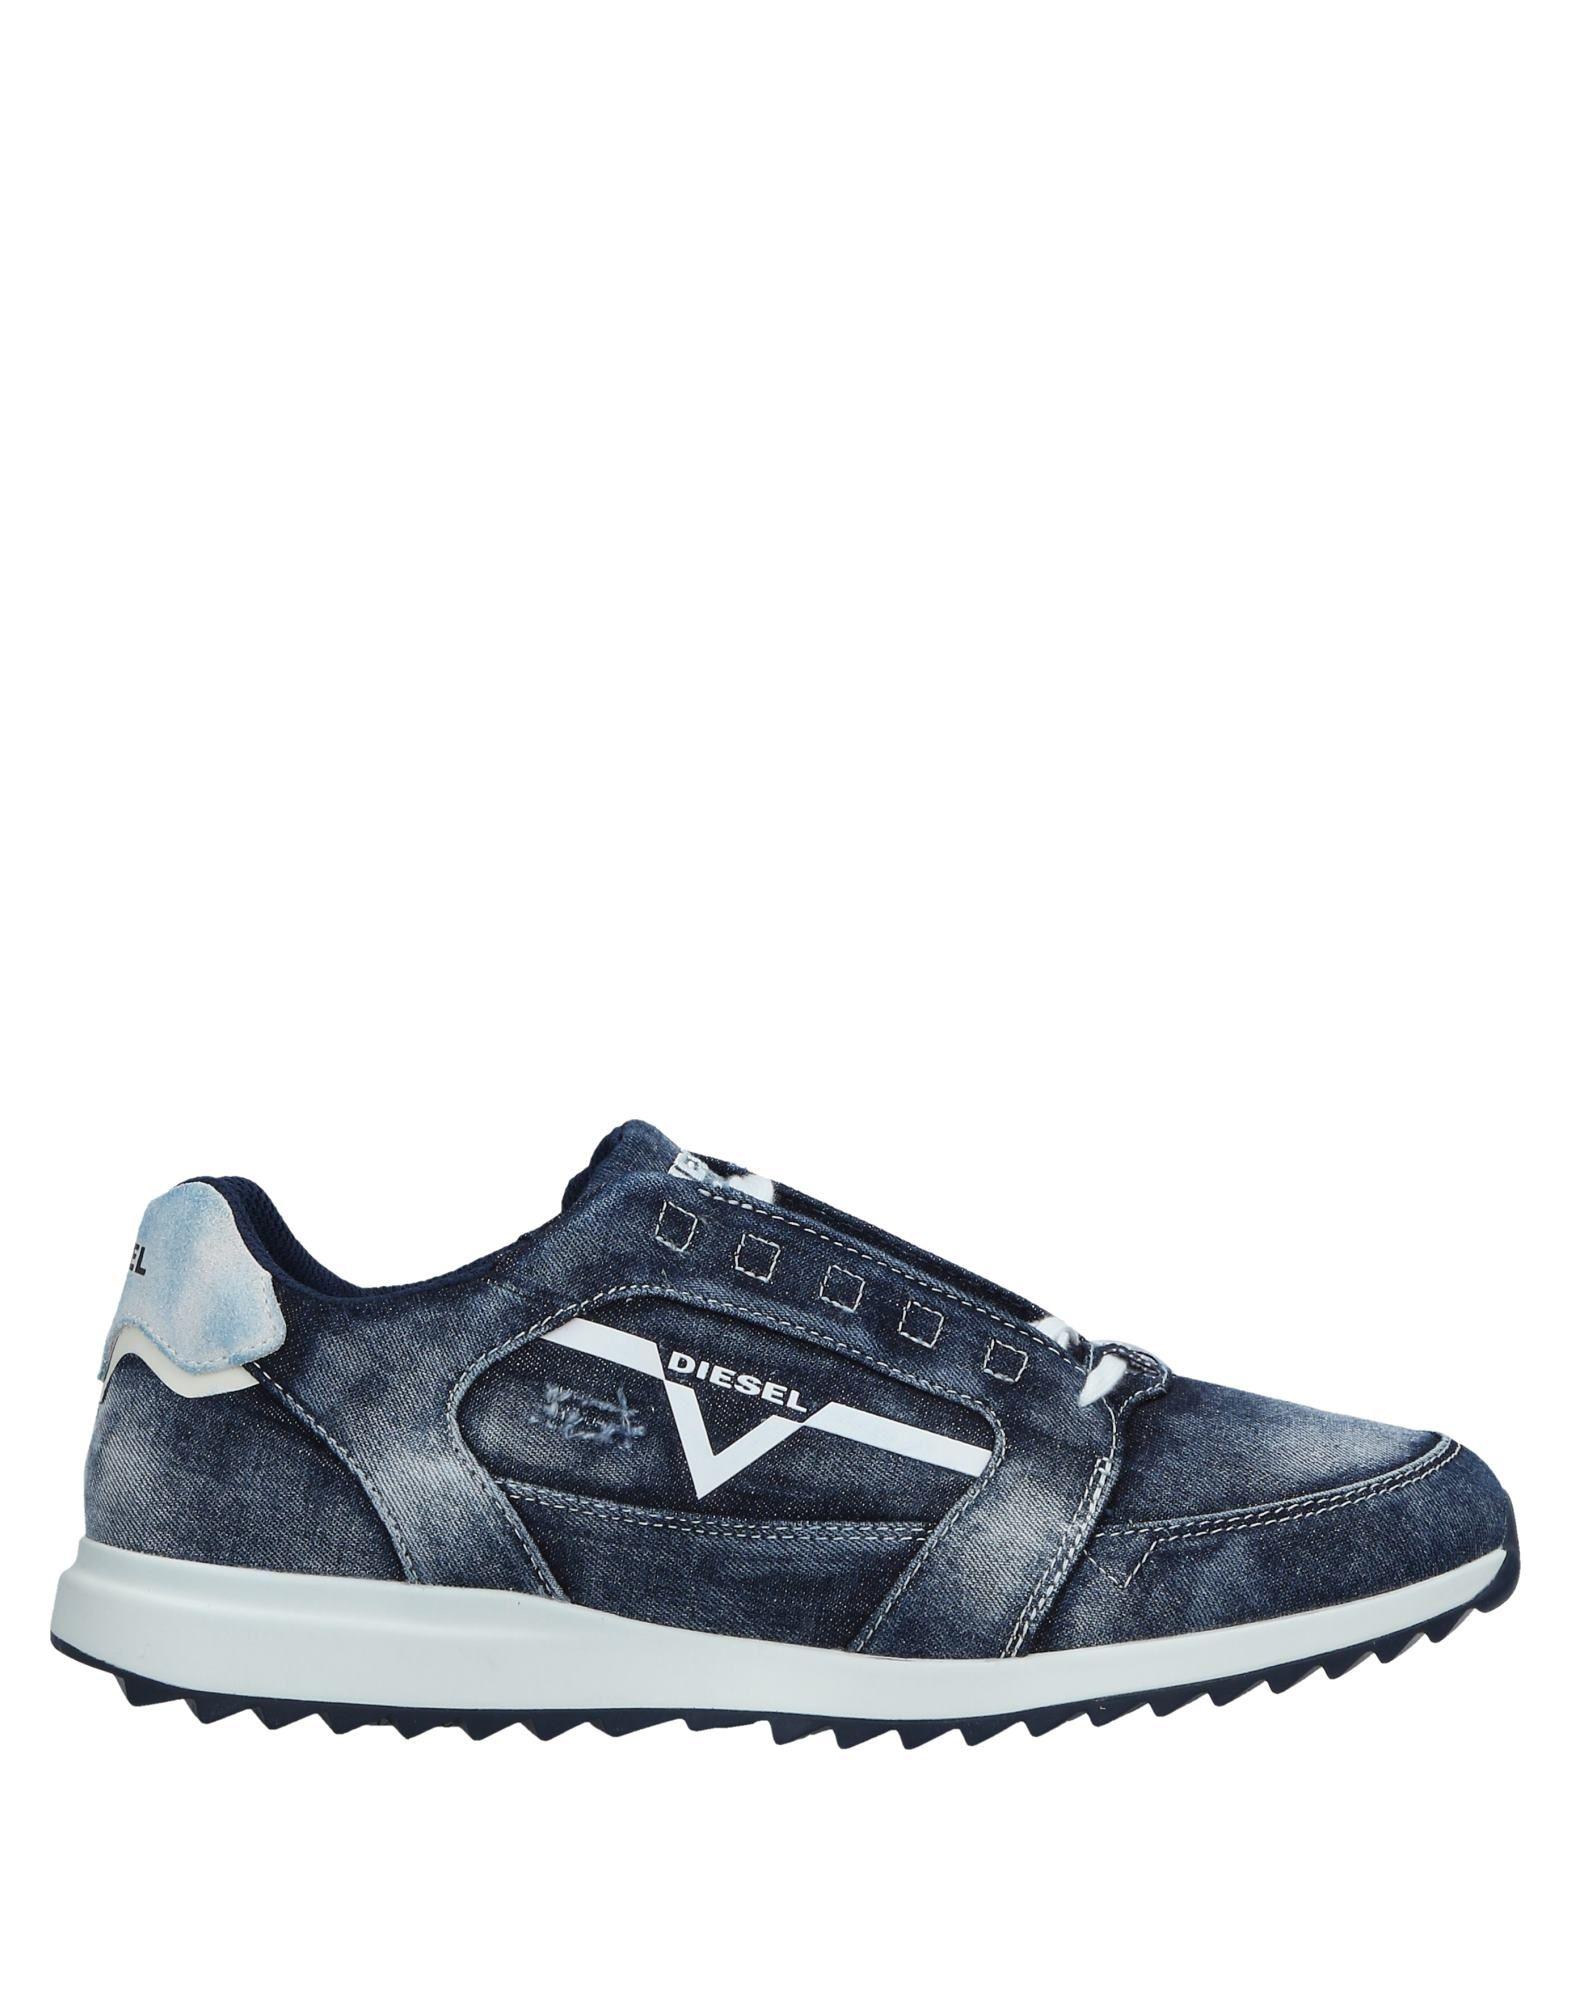 Sneakers Diesel Uomo - 11533760JJ elegante